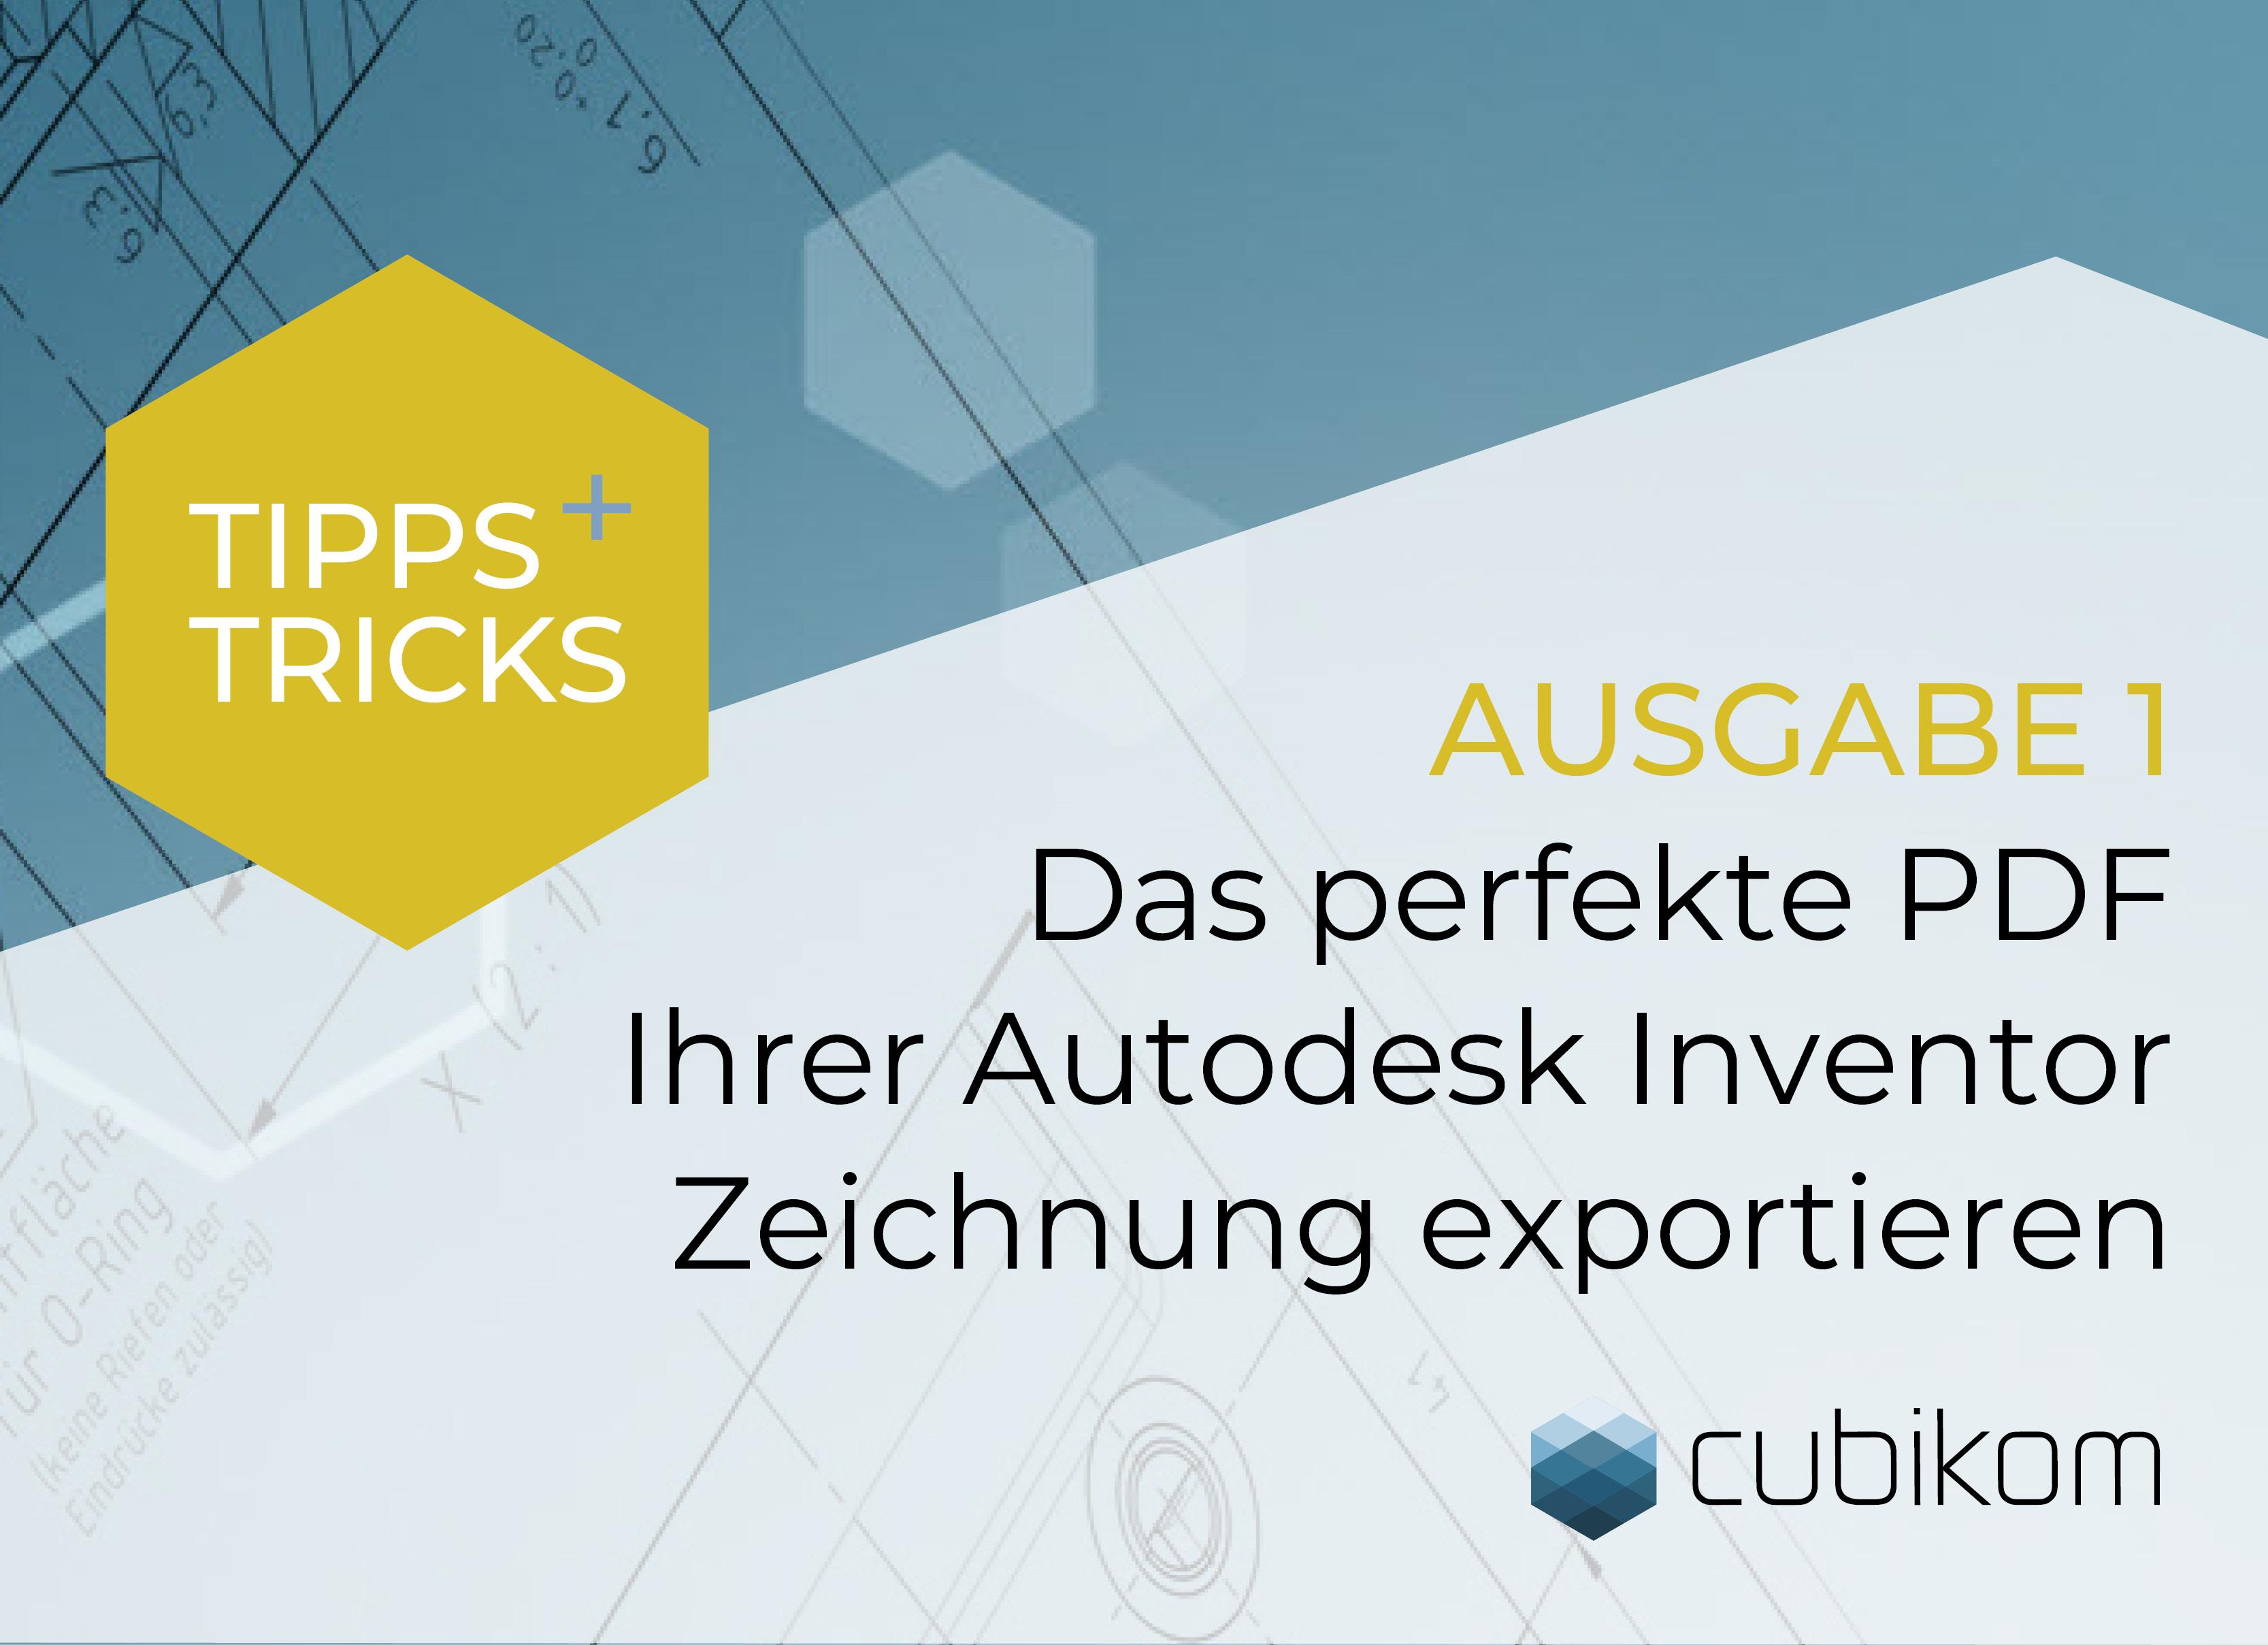 Das perfekte PDF Ihrer Autodesk Inventor Zeichnung exportieren.